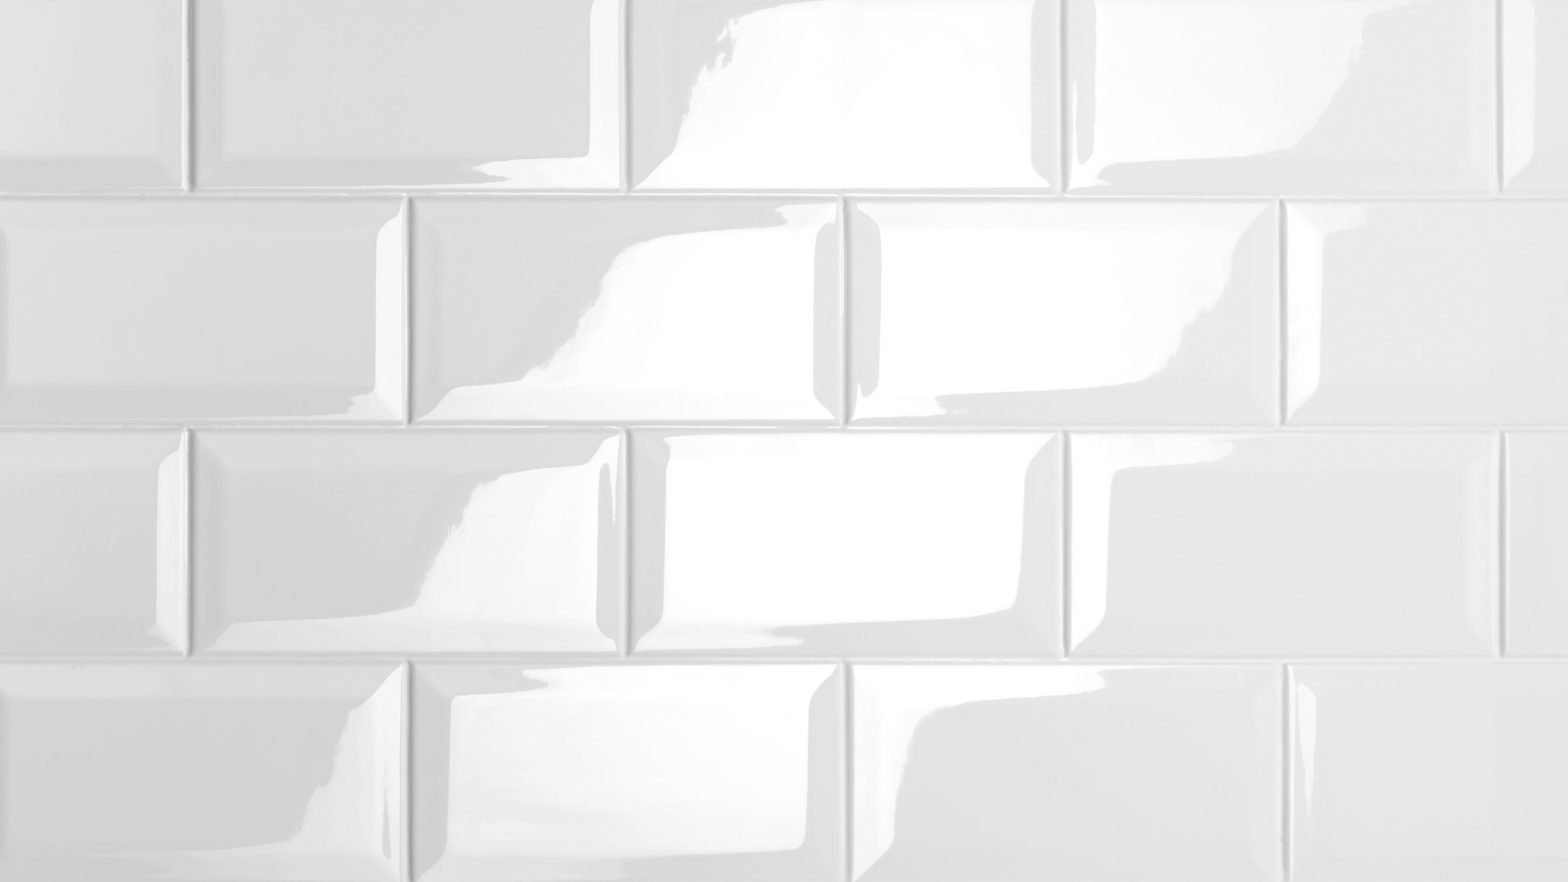 Panespol Systems elabora paneles y piezas tridimensionales en acabado alto-brillo.